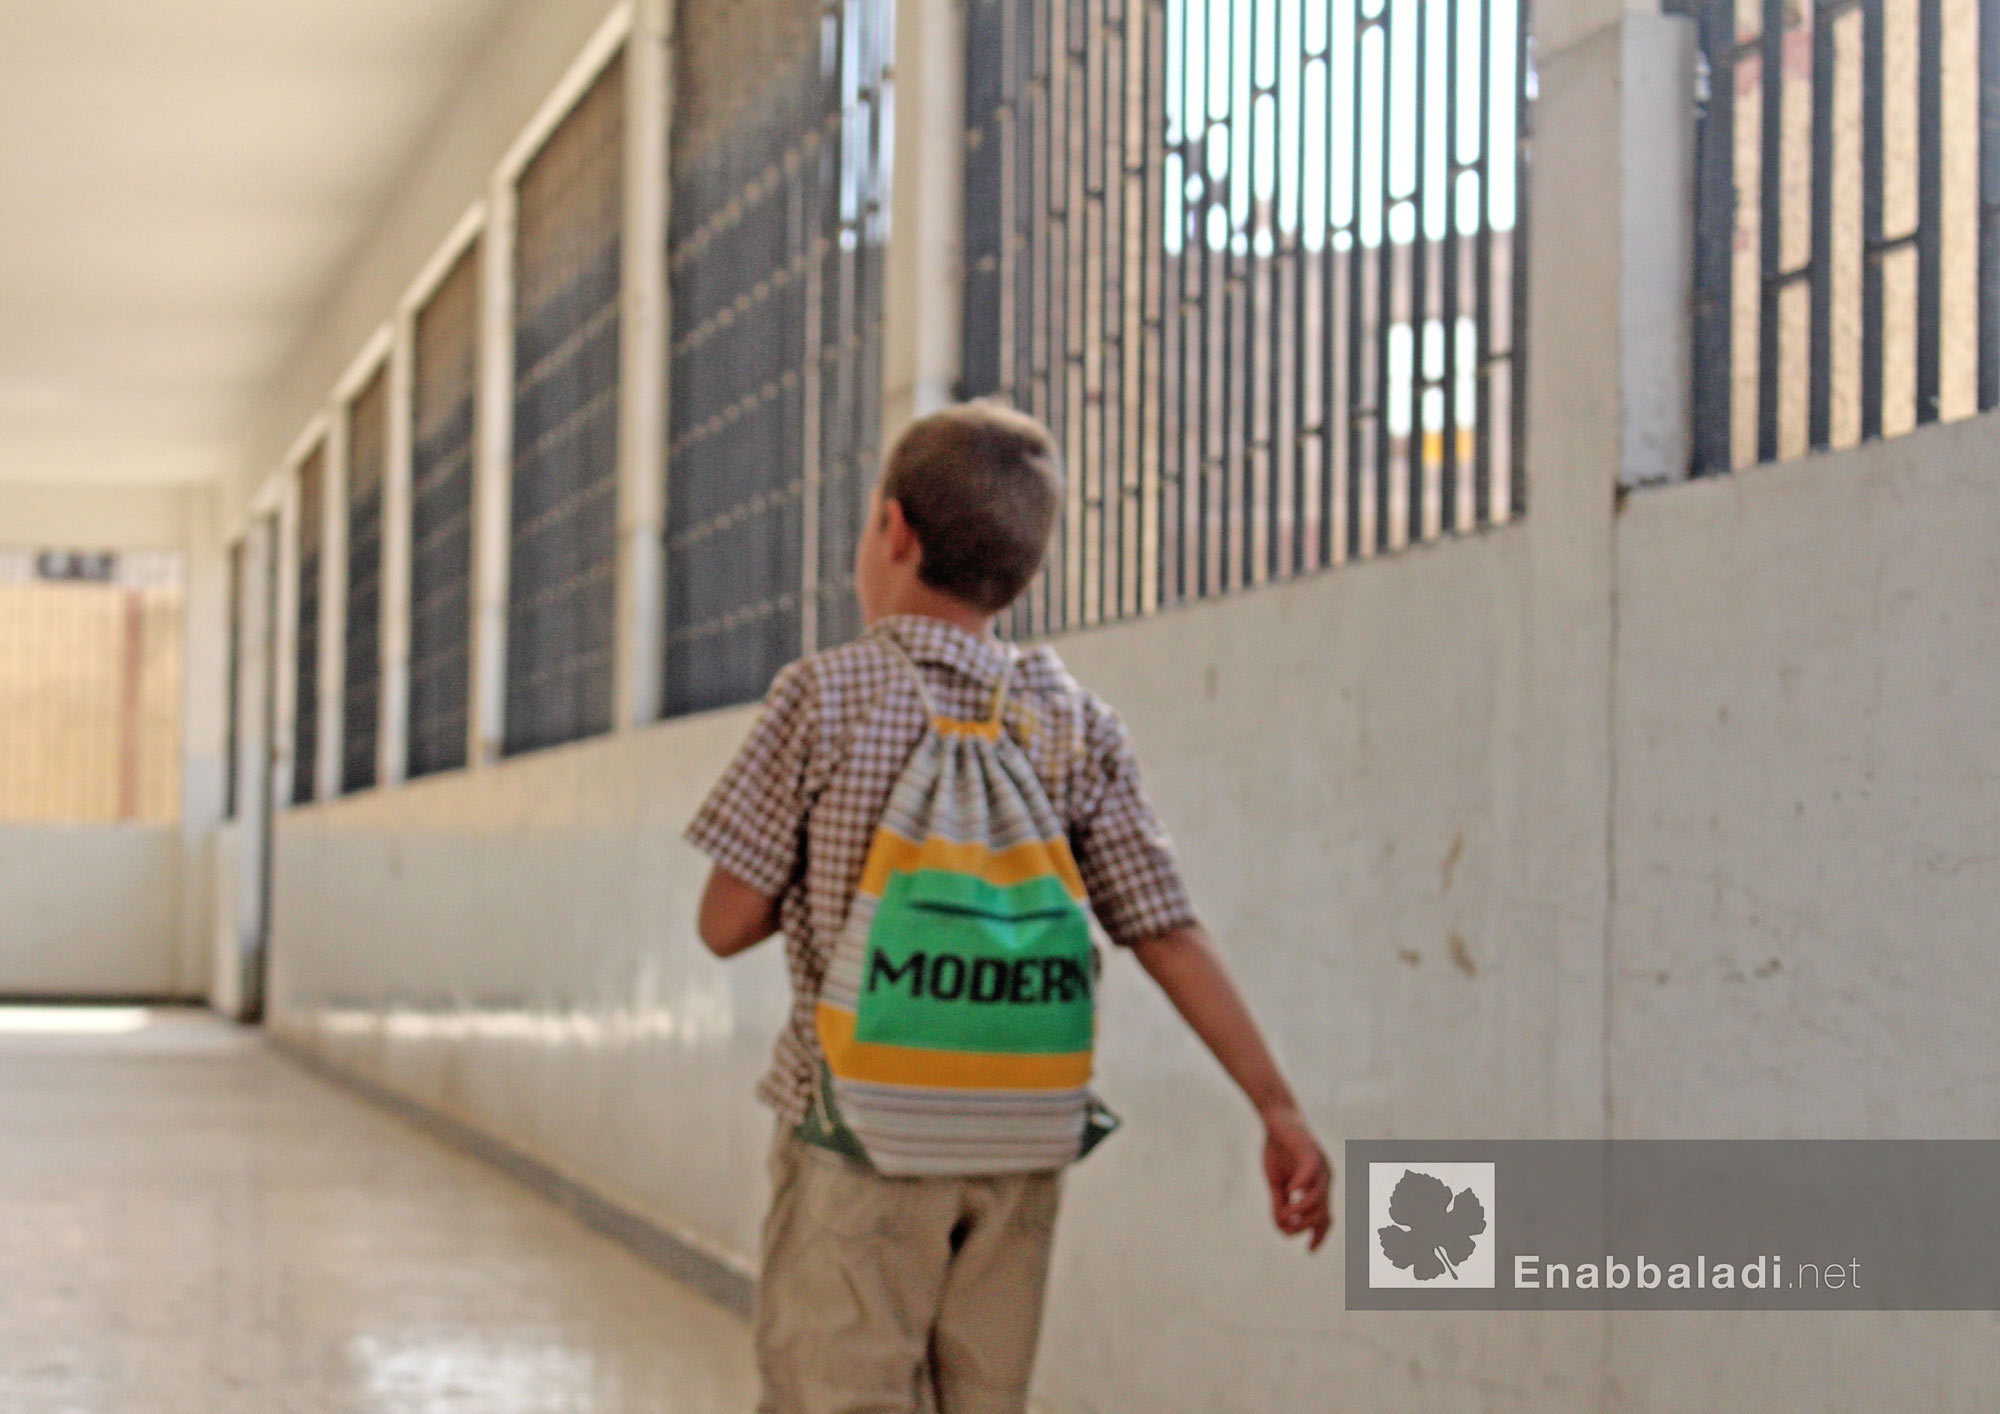 طفل في مدرسة بالغوطة الشرقية - 22 تشرين الأول 2015 - (عنب بلدي)